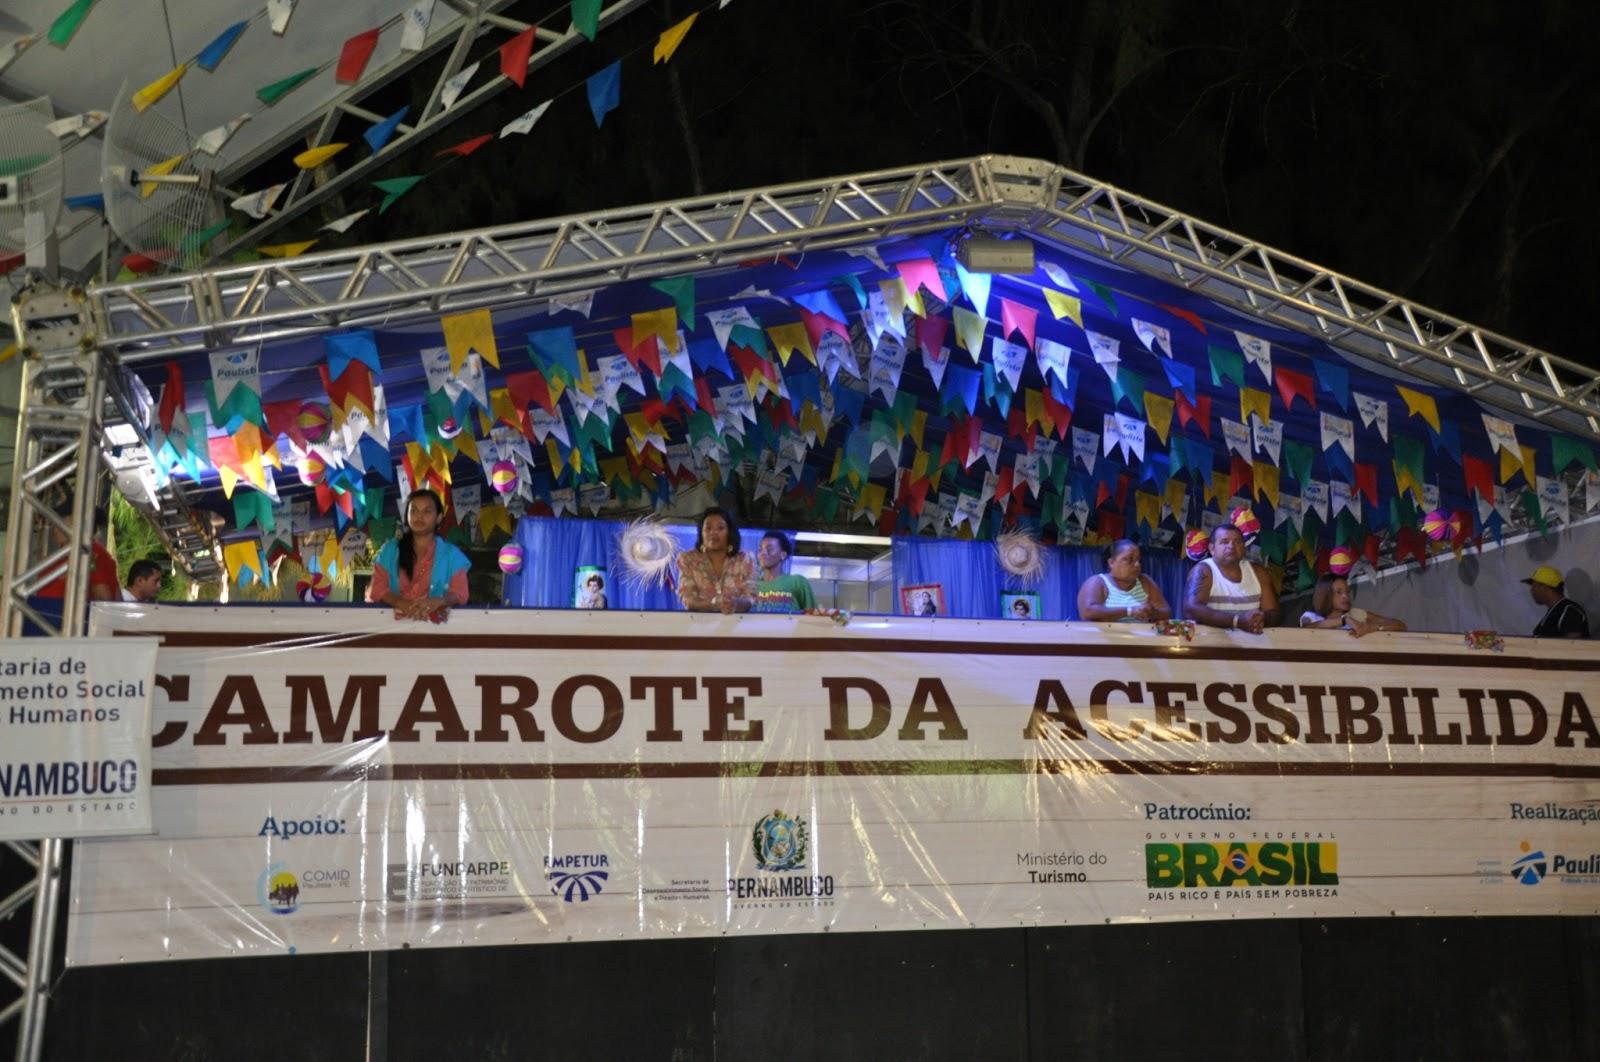 Paulista em 1º lugar: Camarote adaptado para pessoas com deficiência  #2B3871 1600 1062